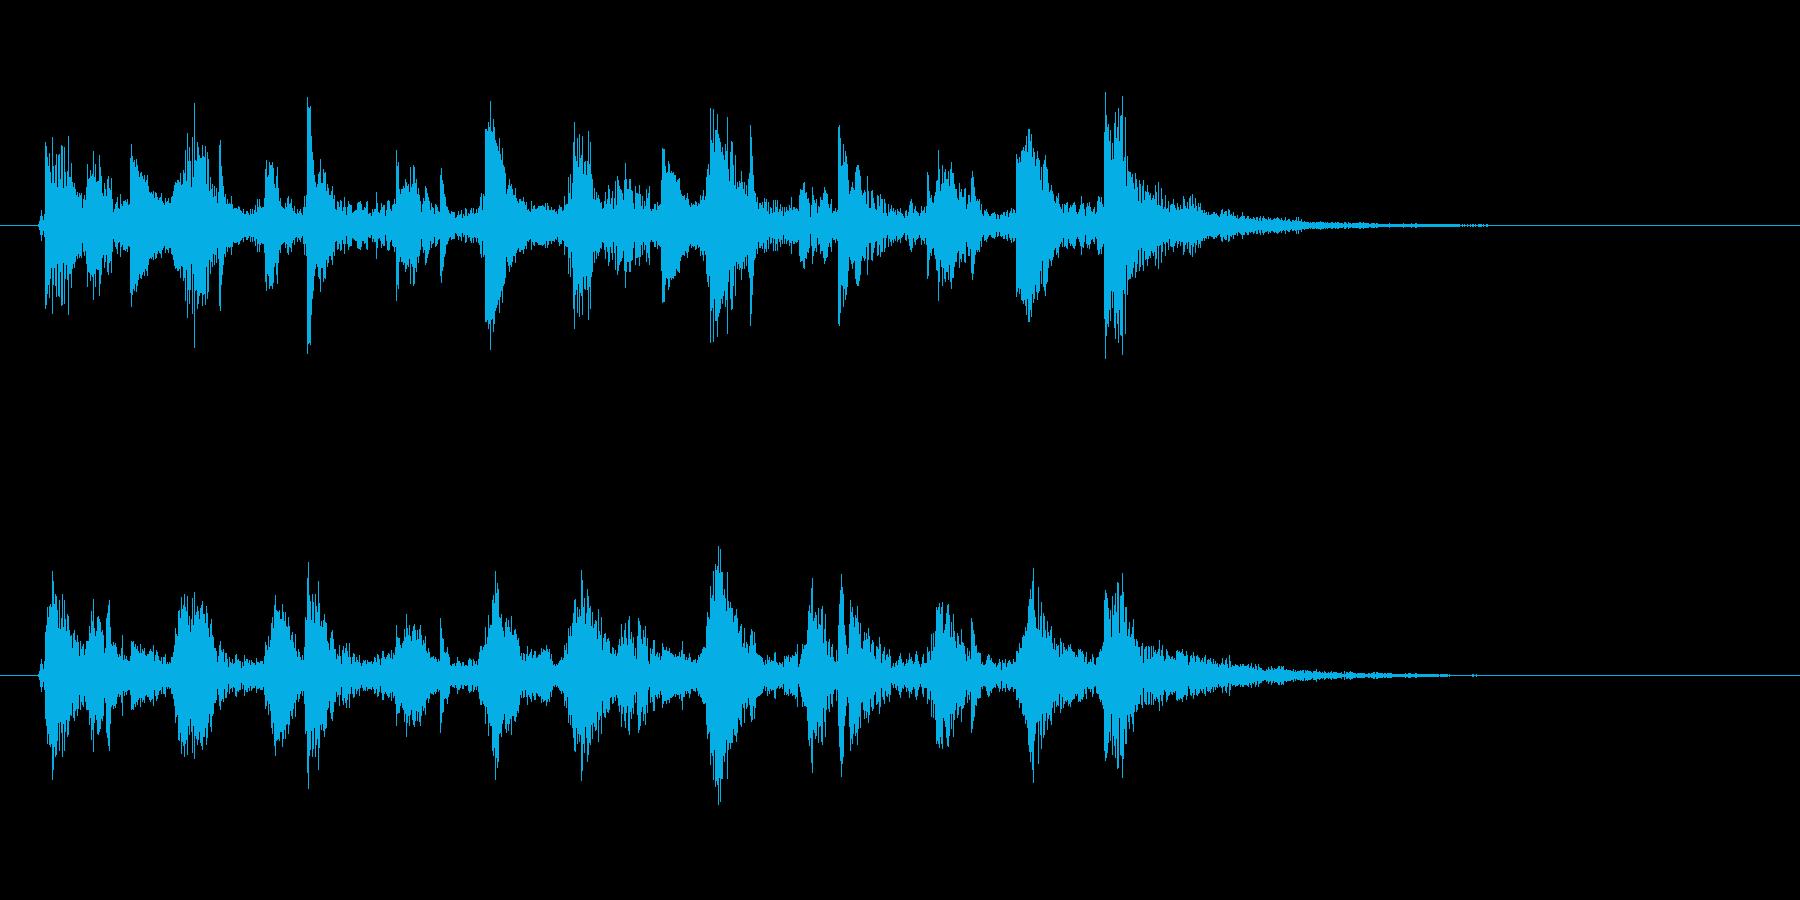 ピチカート音の清涼感のあるジングルの再生済みの波形